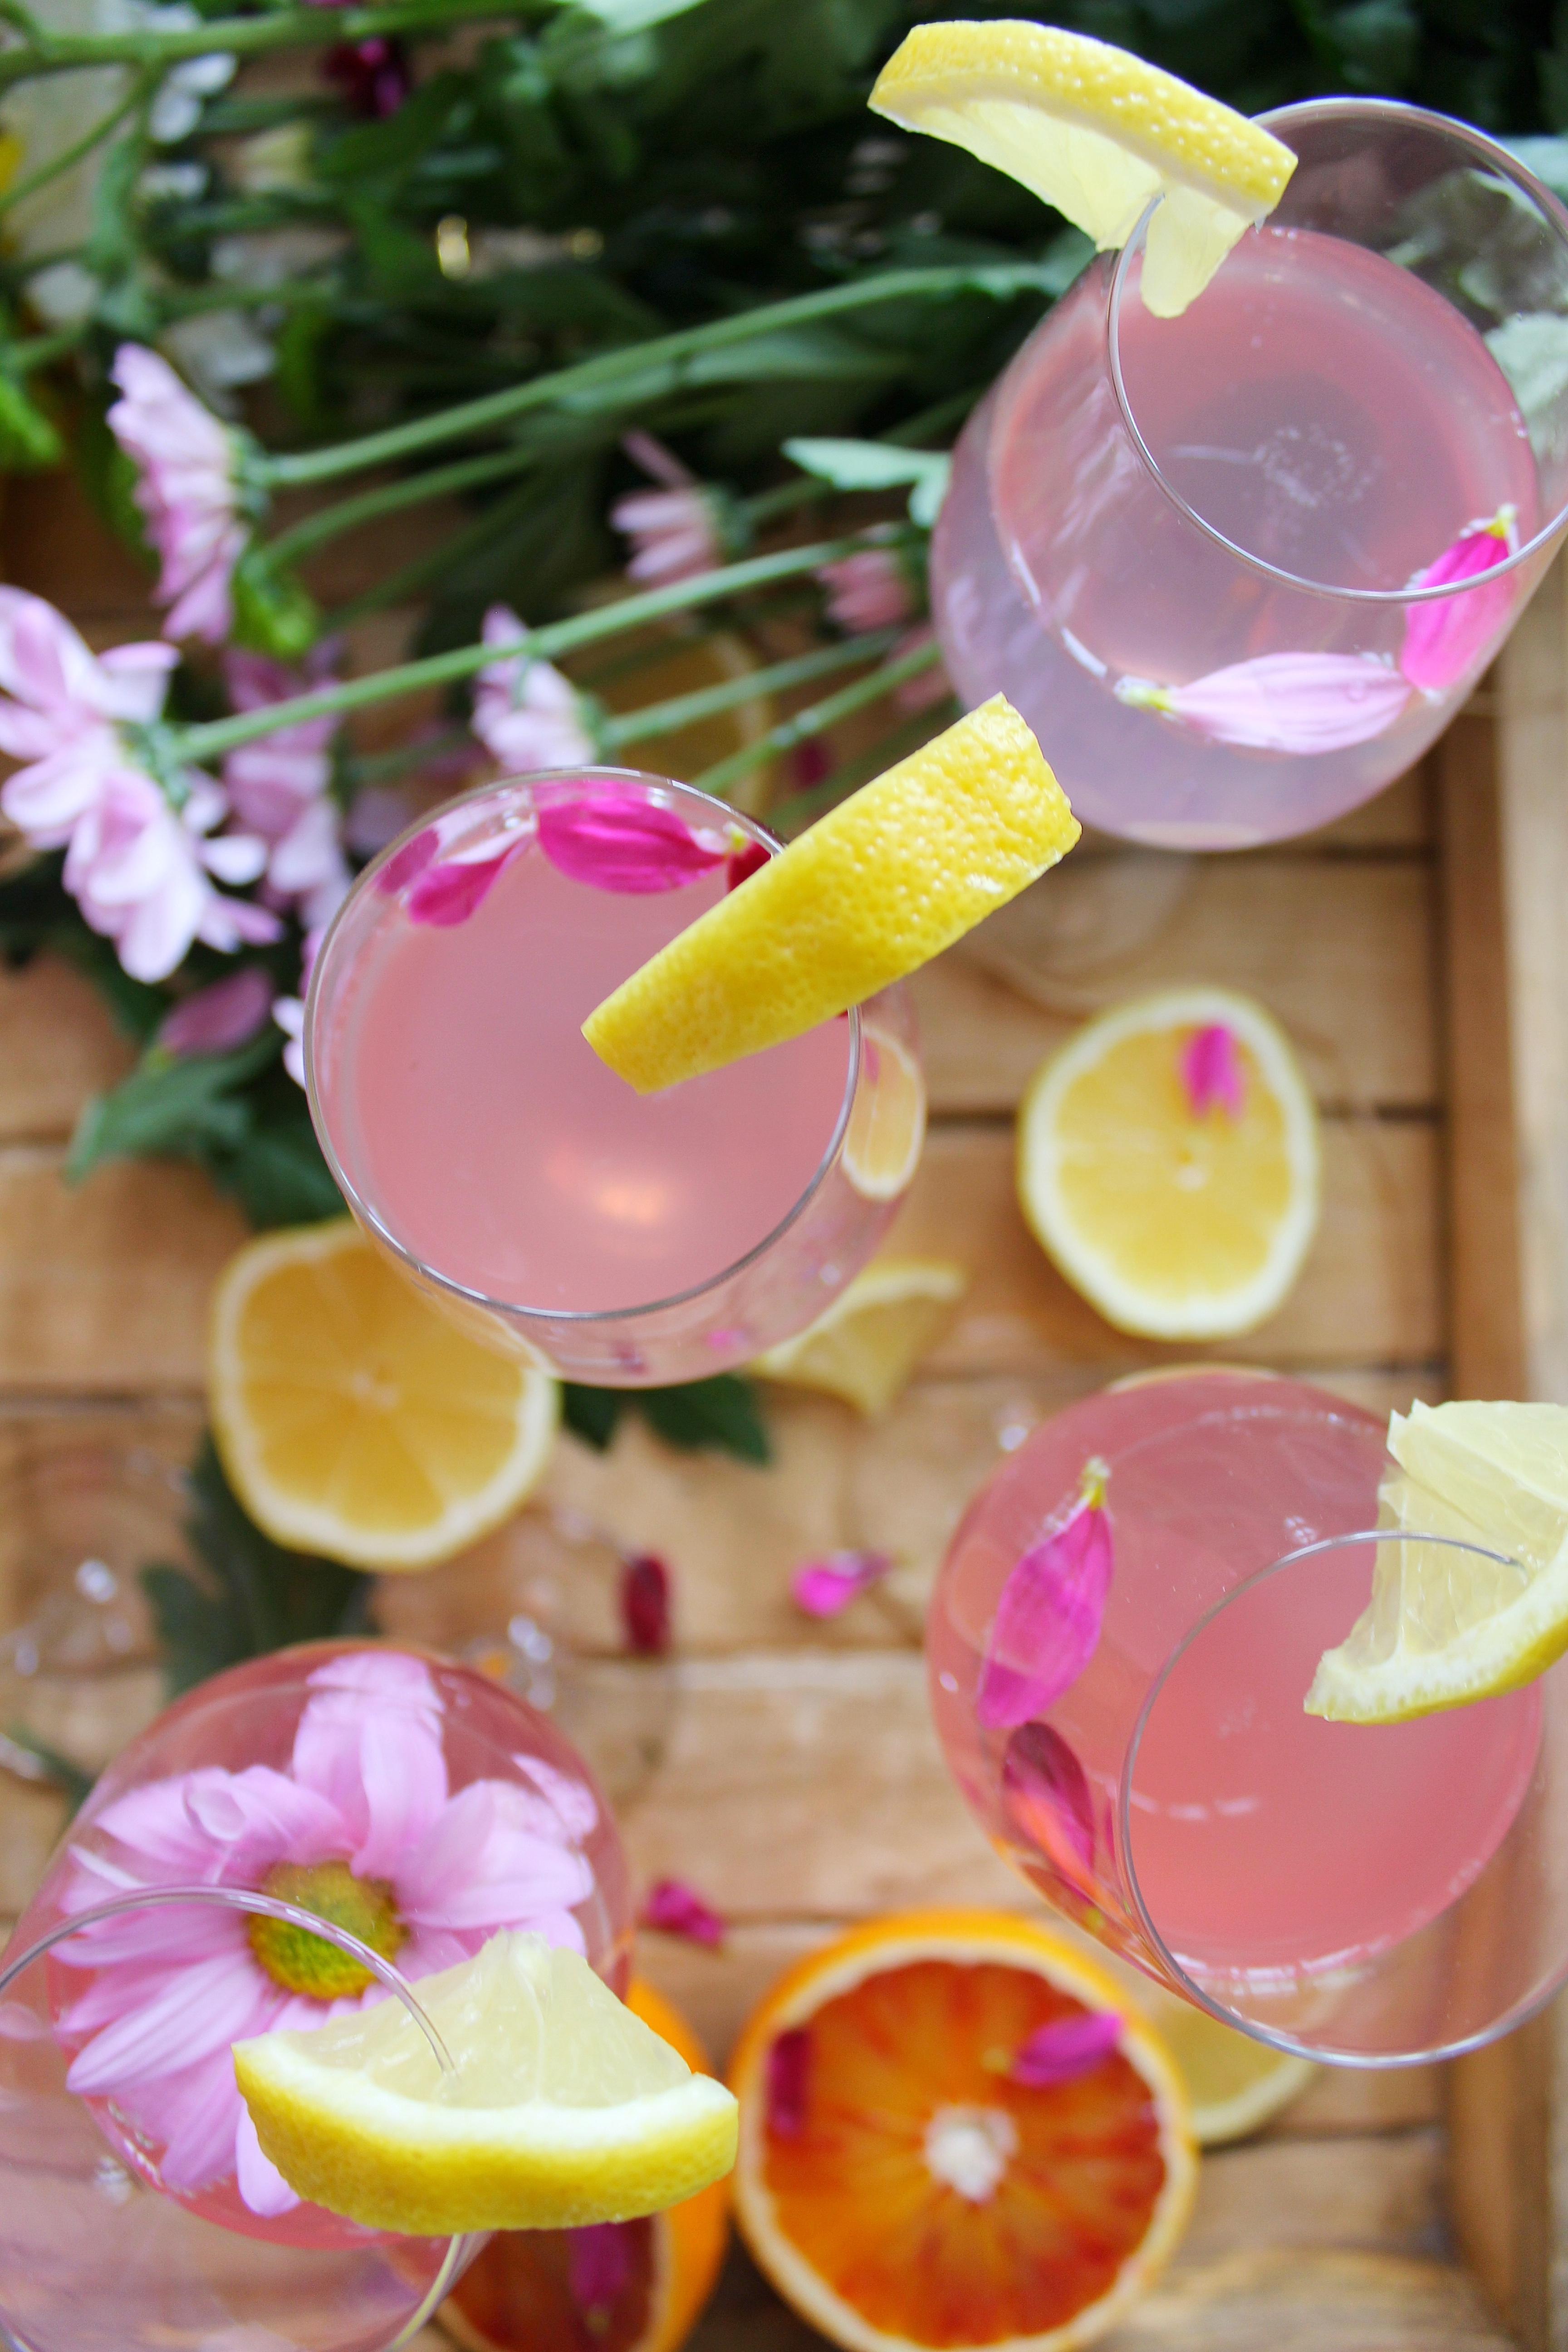 Sour Lemon Pink Mimosas